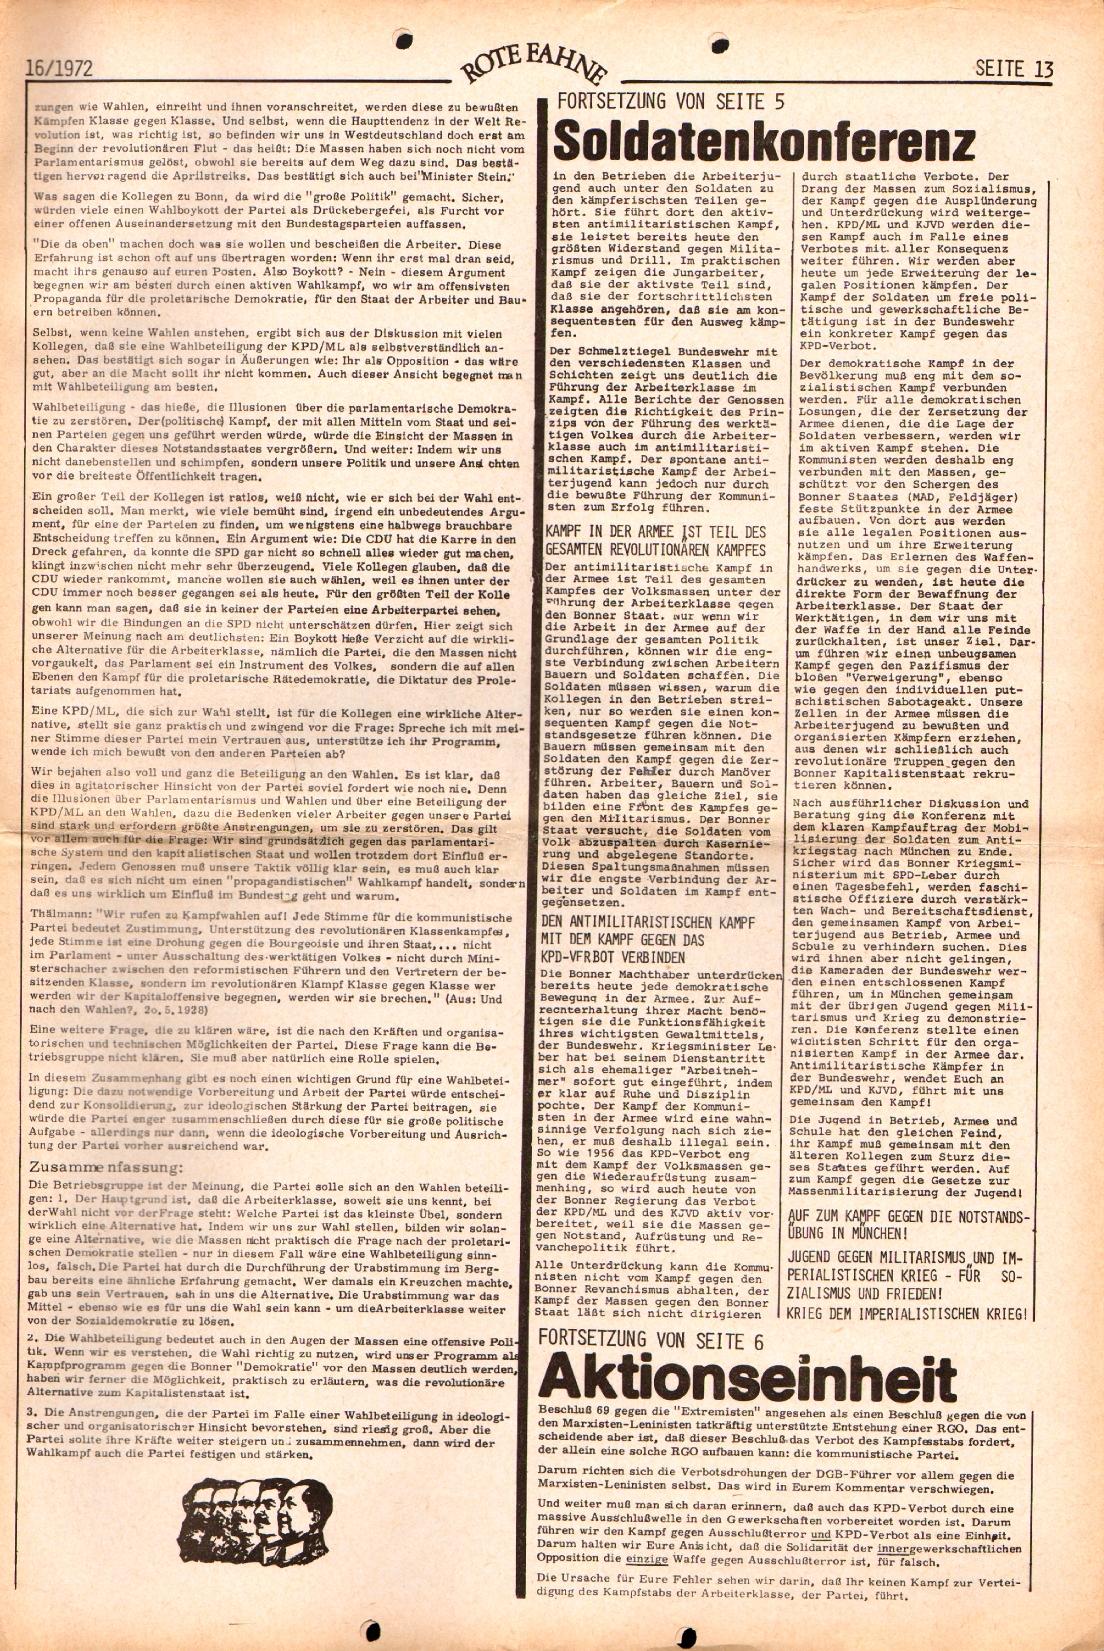 Rote Fahne, 3. Jg., 7.8.1972, Nr. 16, Seite 13